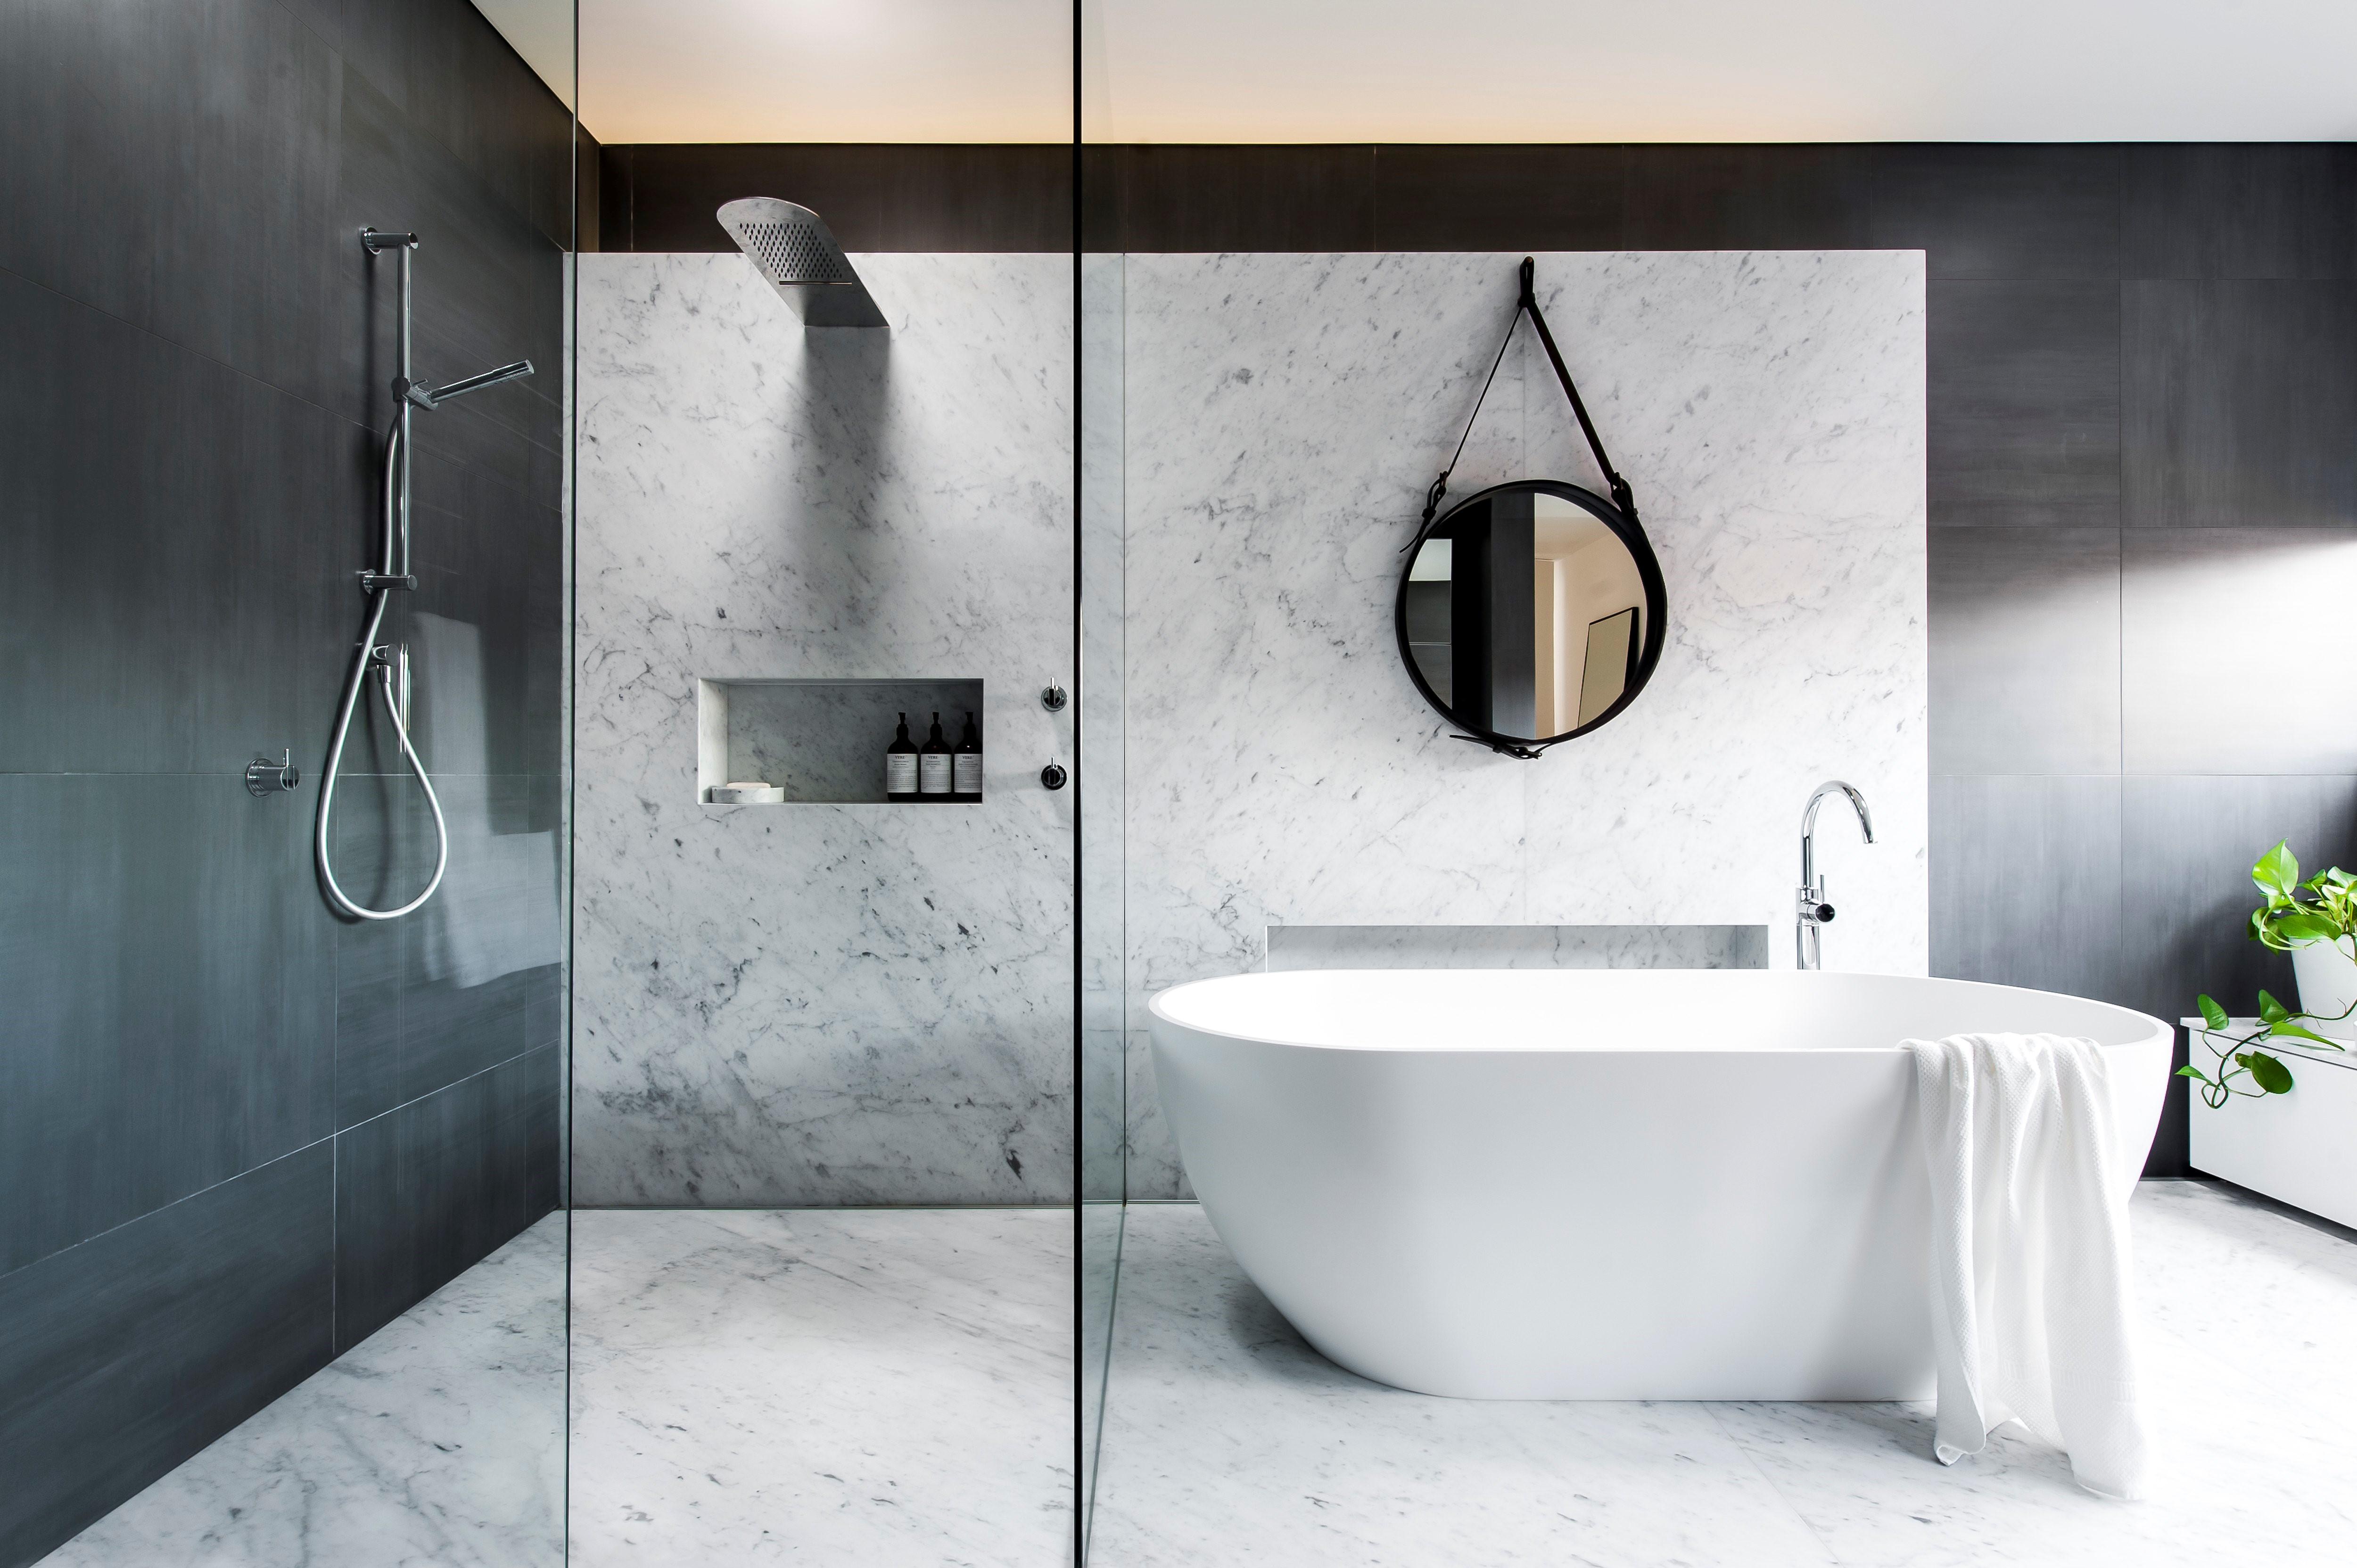 Image Salle De Bain luxe et bien-être dans une salle de bain parentale - madame